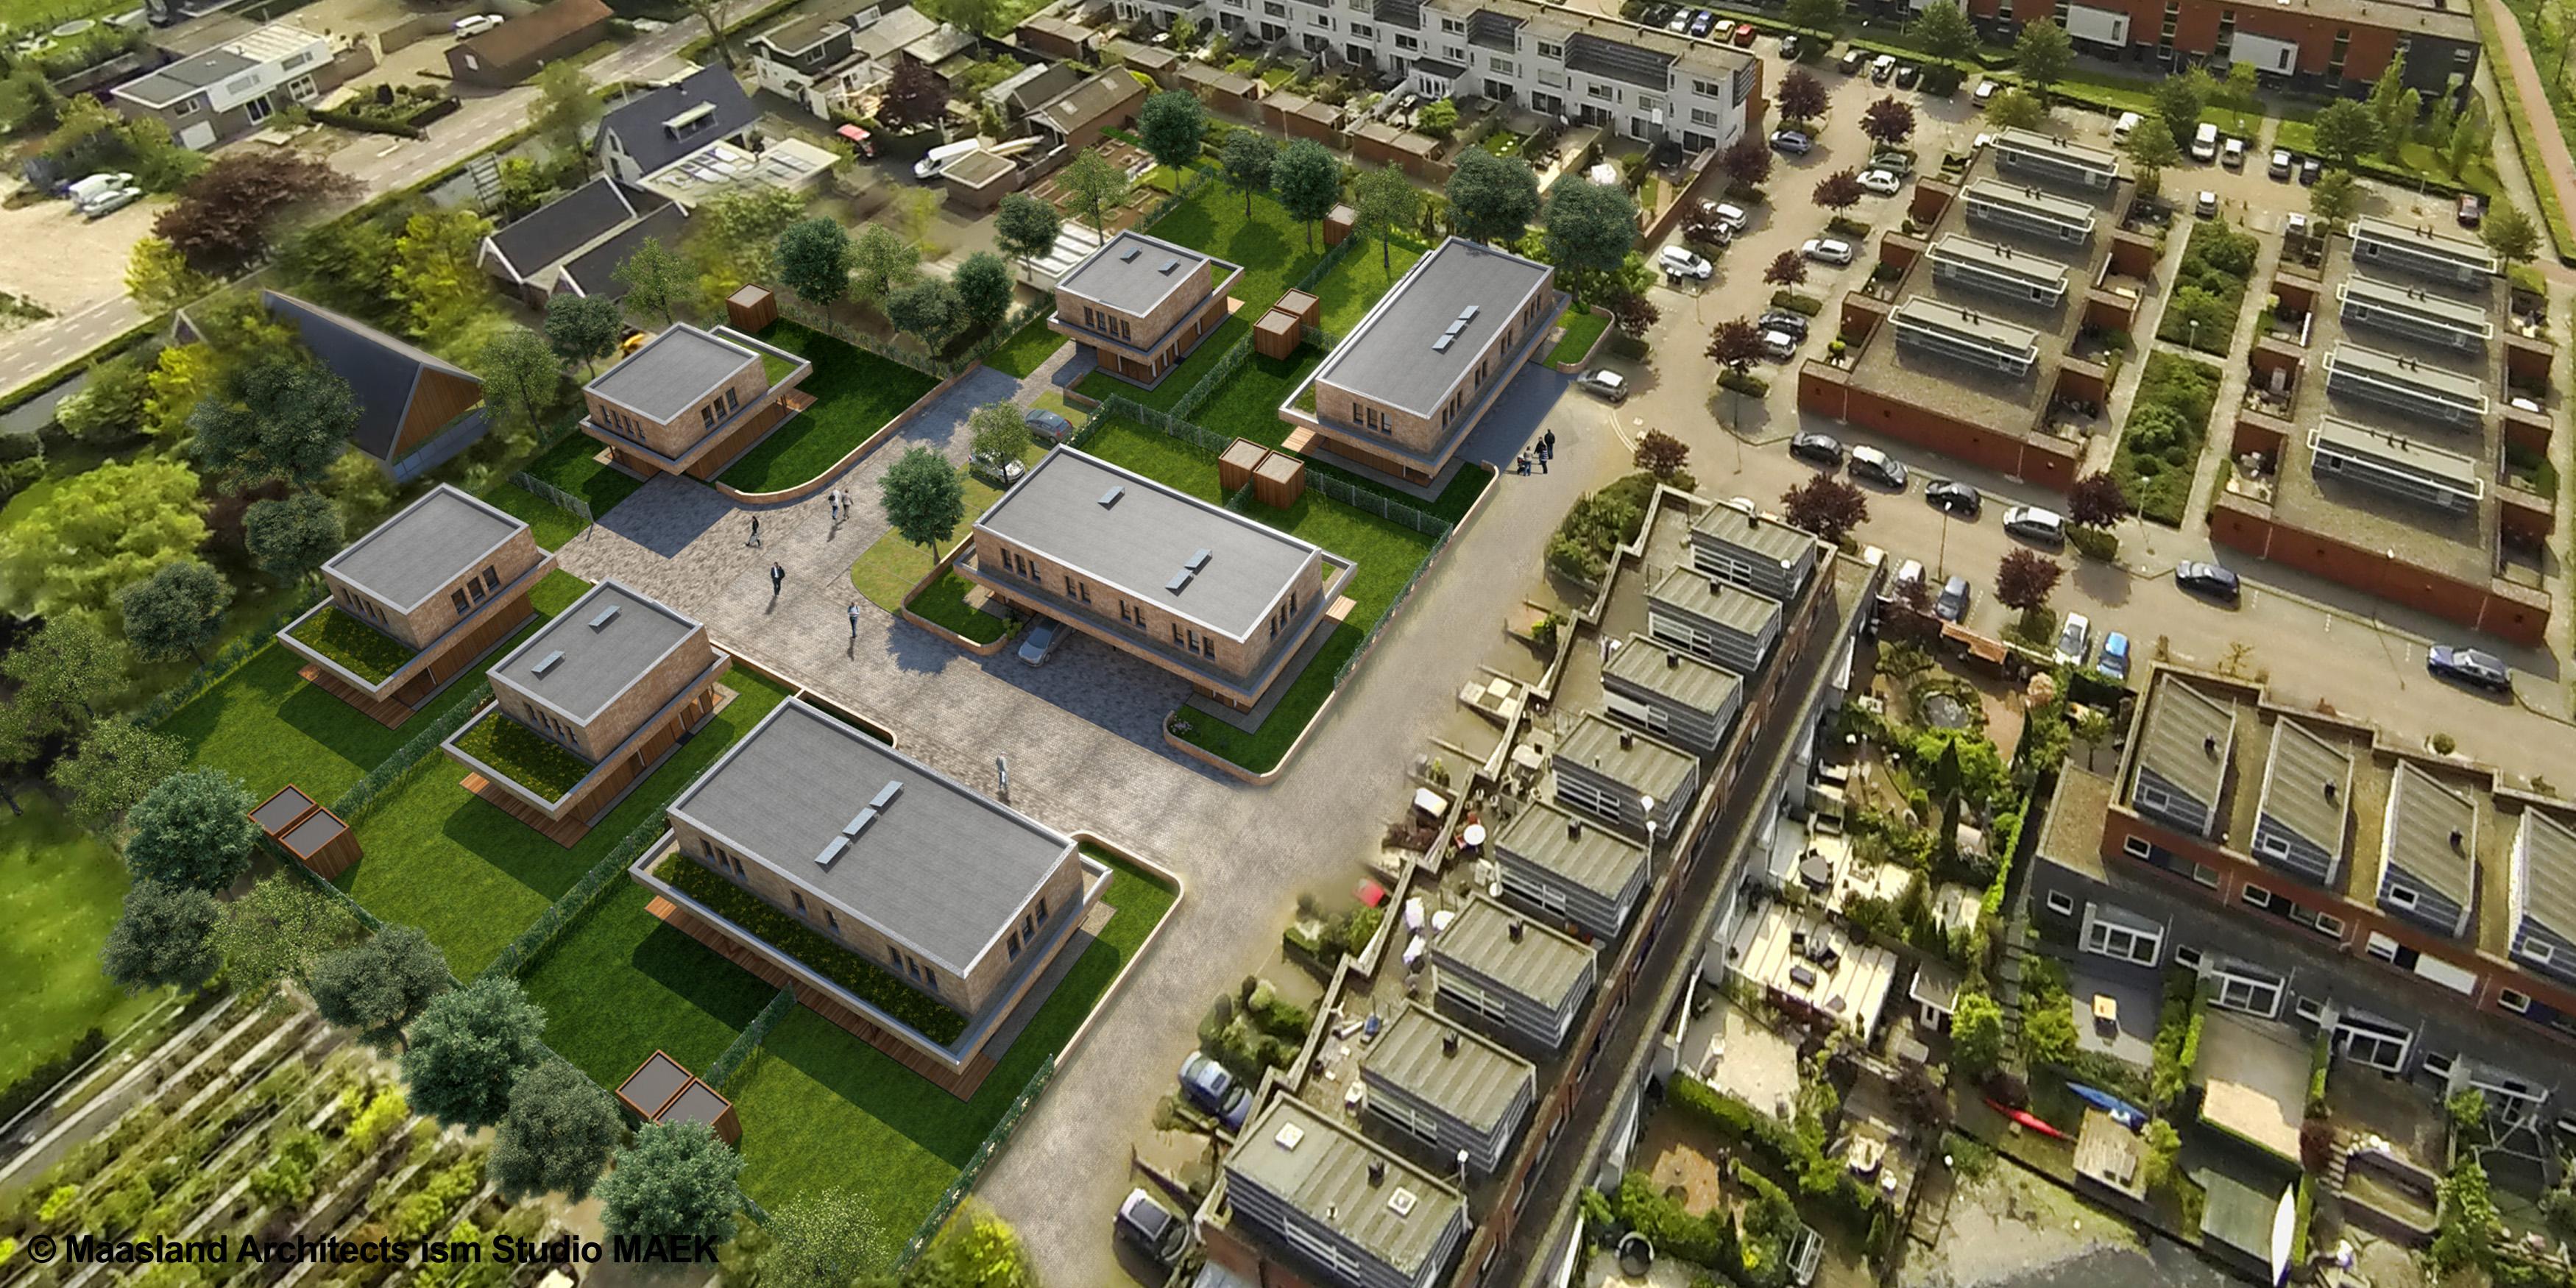 Zegschans Zoetermeer architectuur